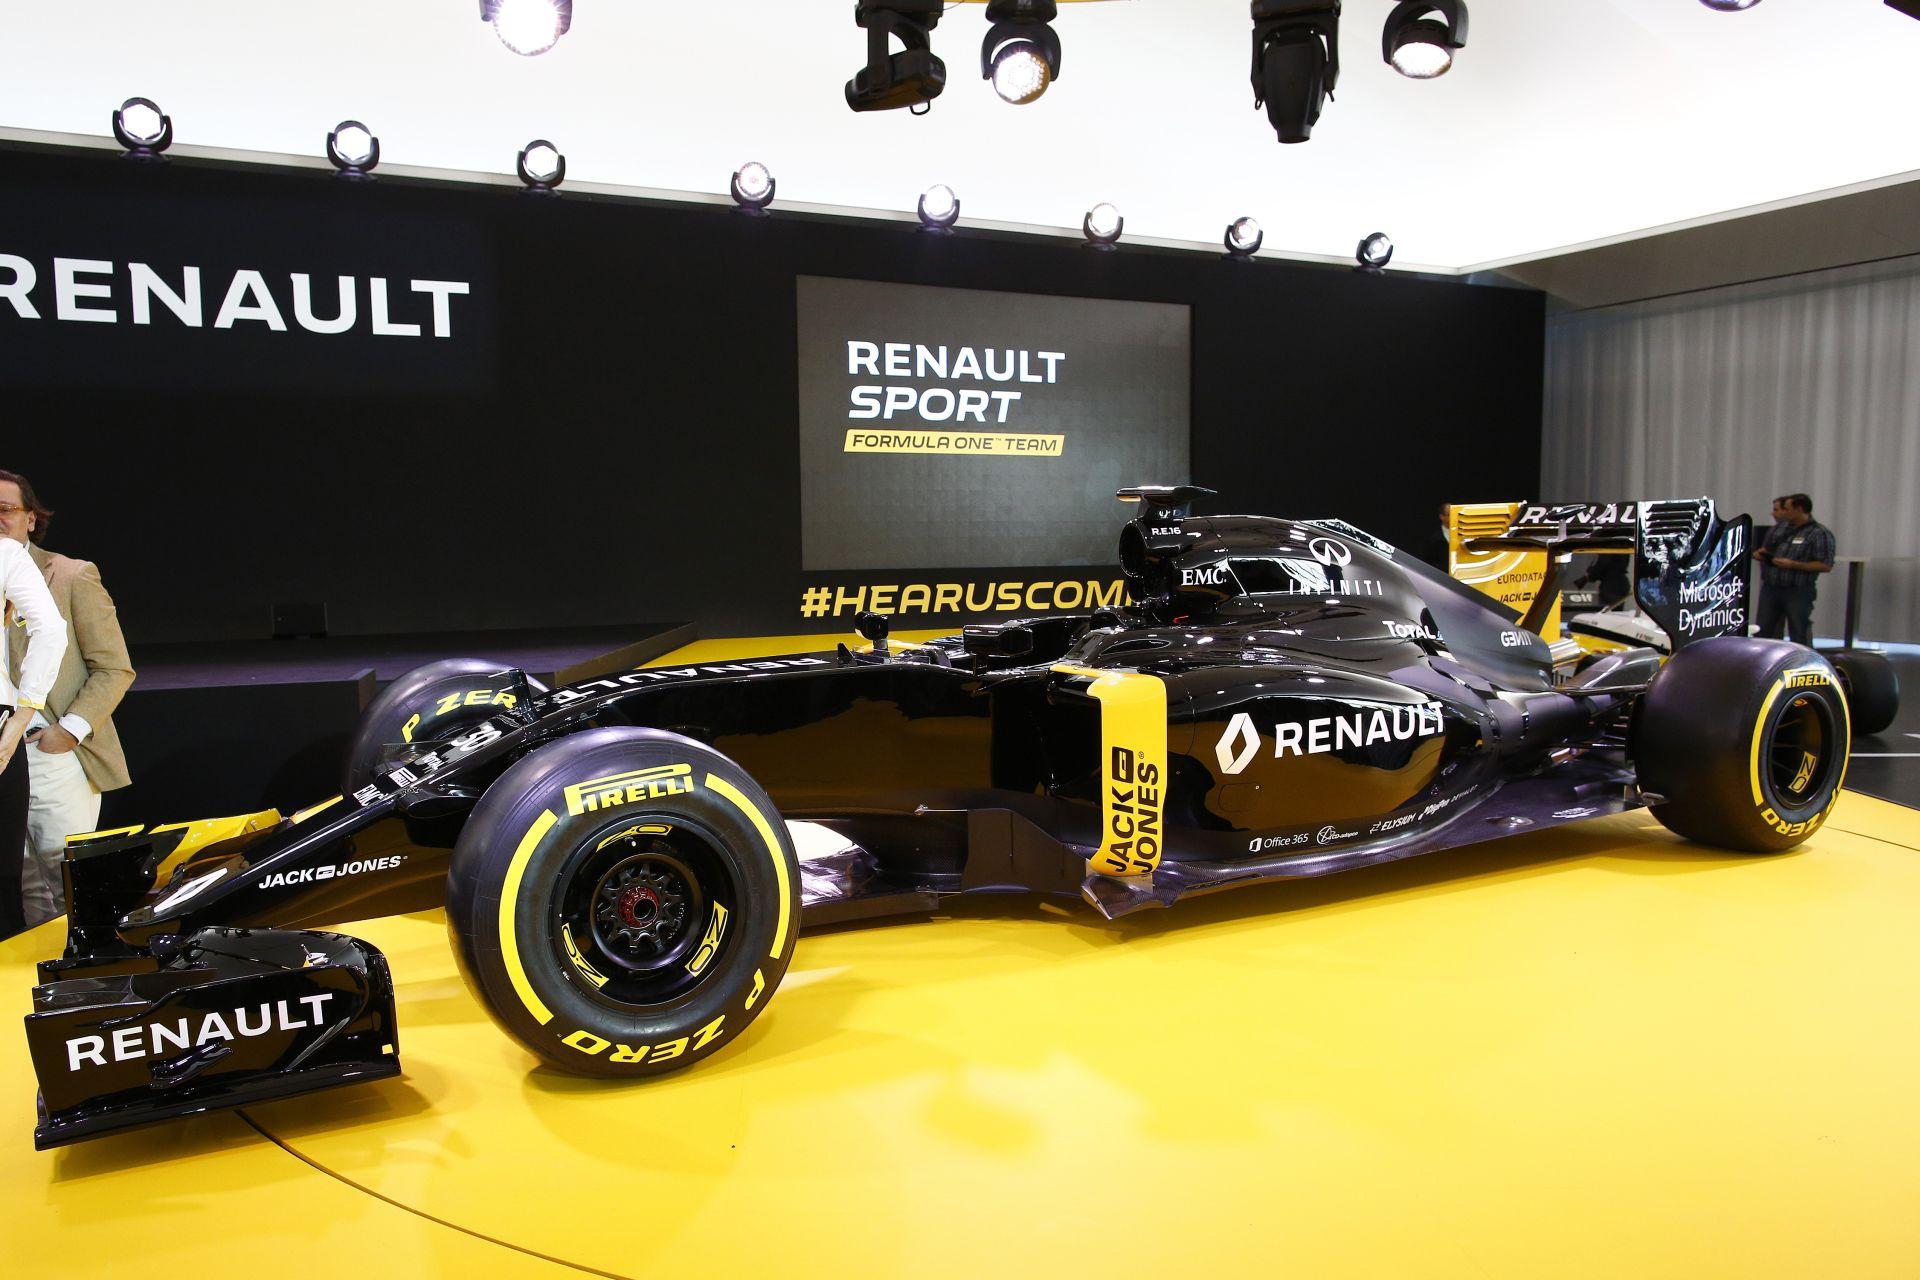 Renault: Ha a Red Bull idén legyőz minket, akkor tudjuk, hogy jó irányba haladunk!